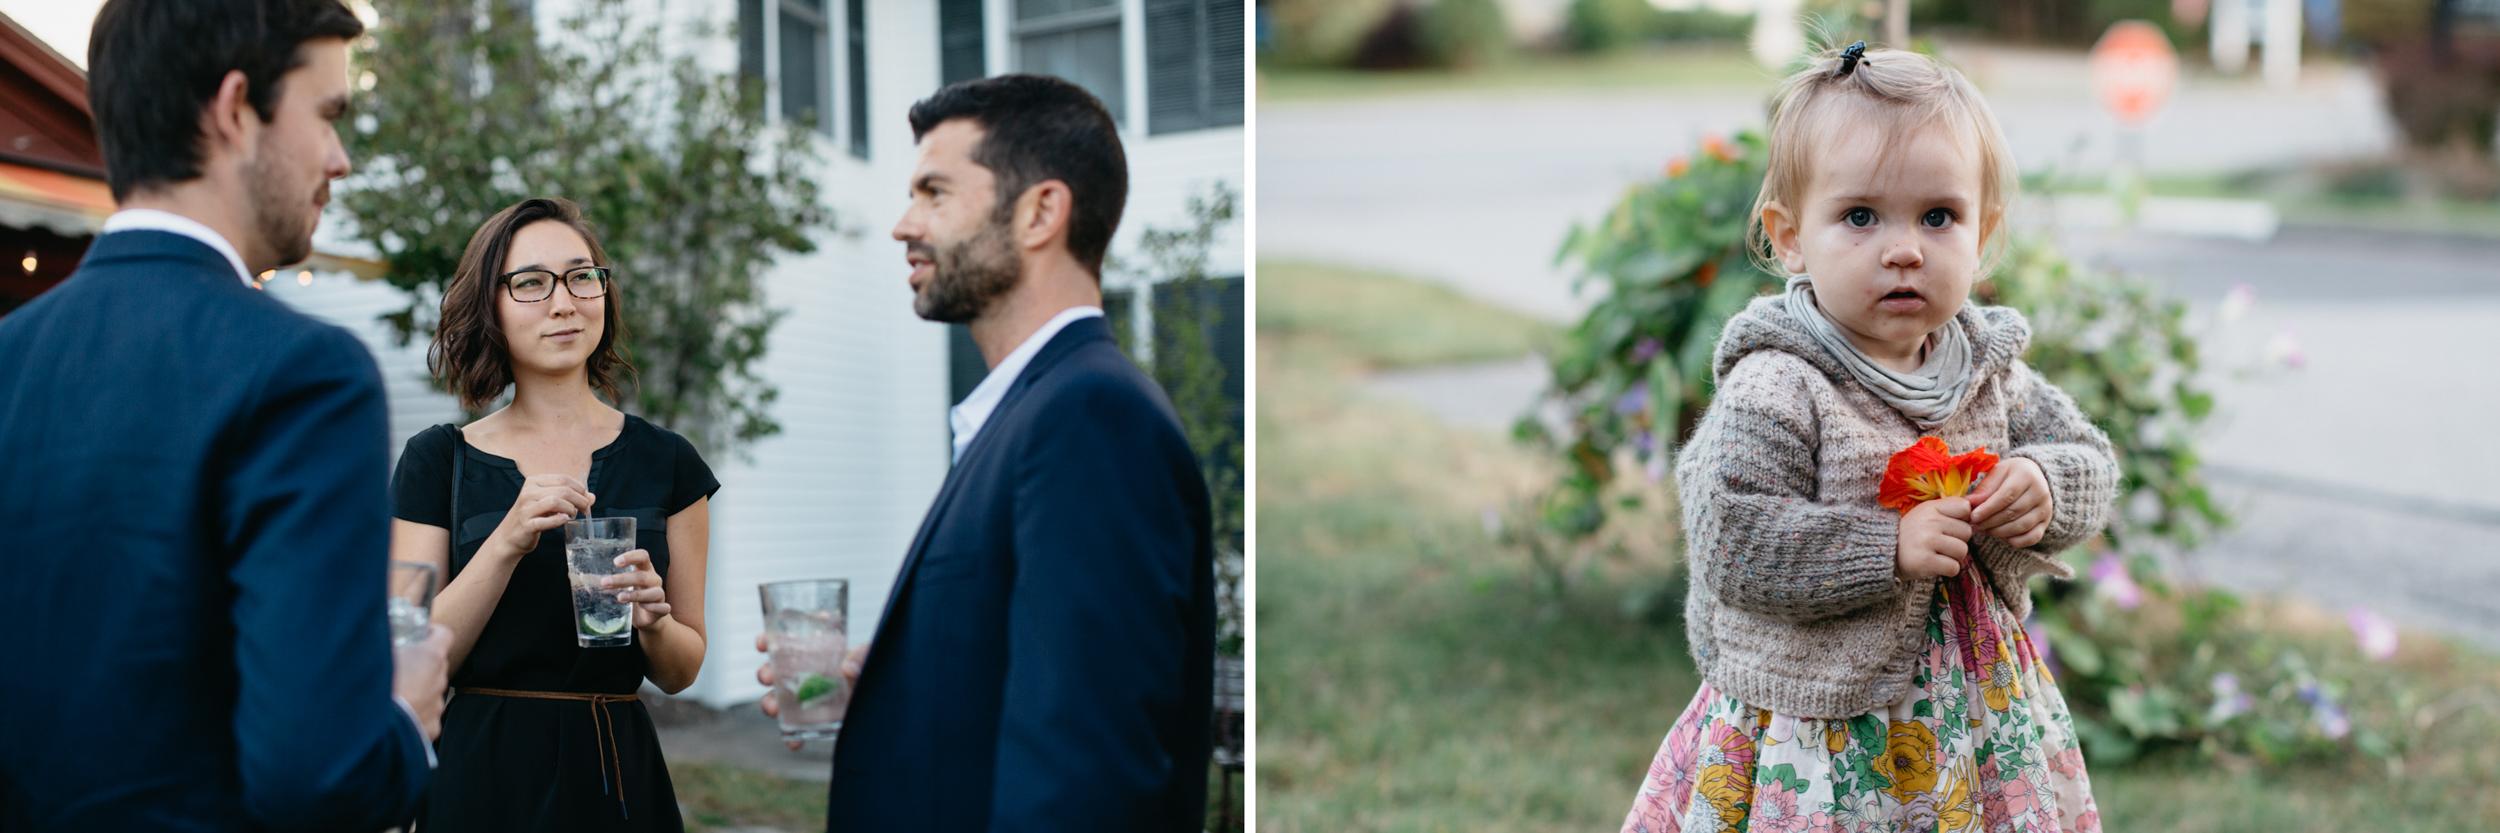 Mackenzie_Collins_Day_Two_Flatbread_Company_rockport_Maine_wedding_008.jpg